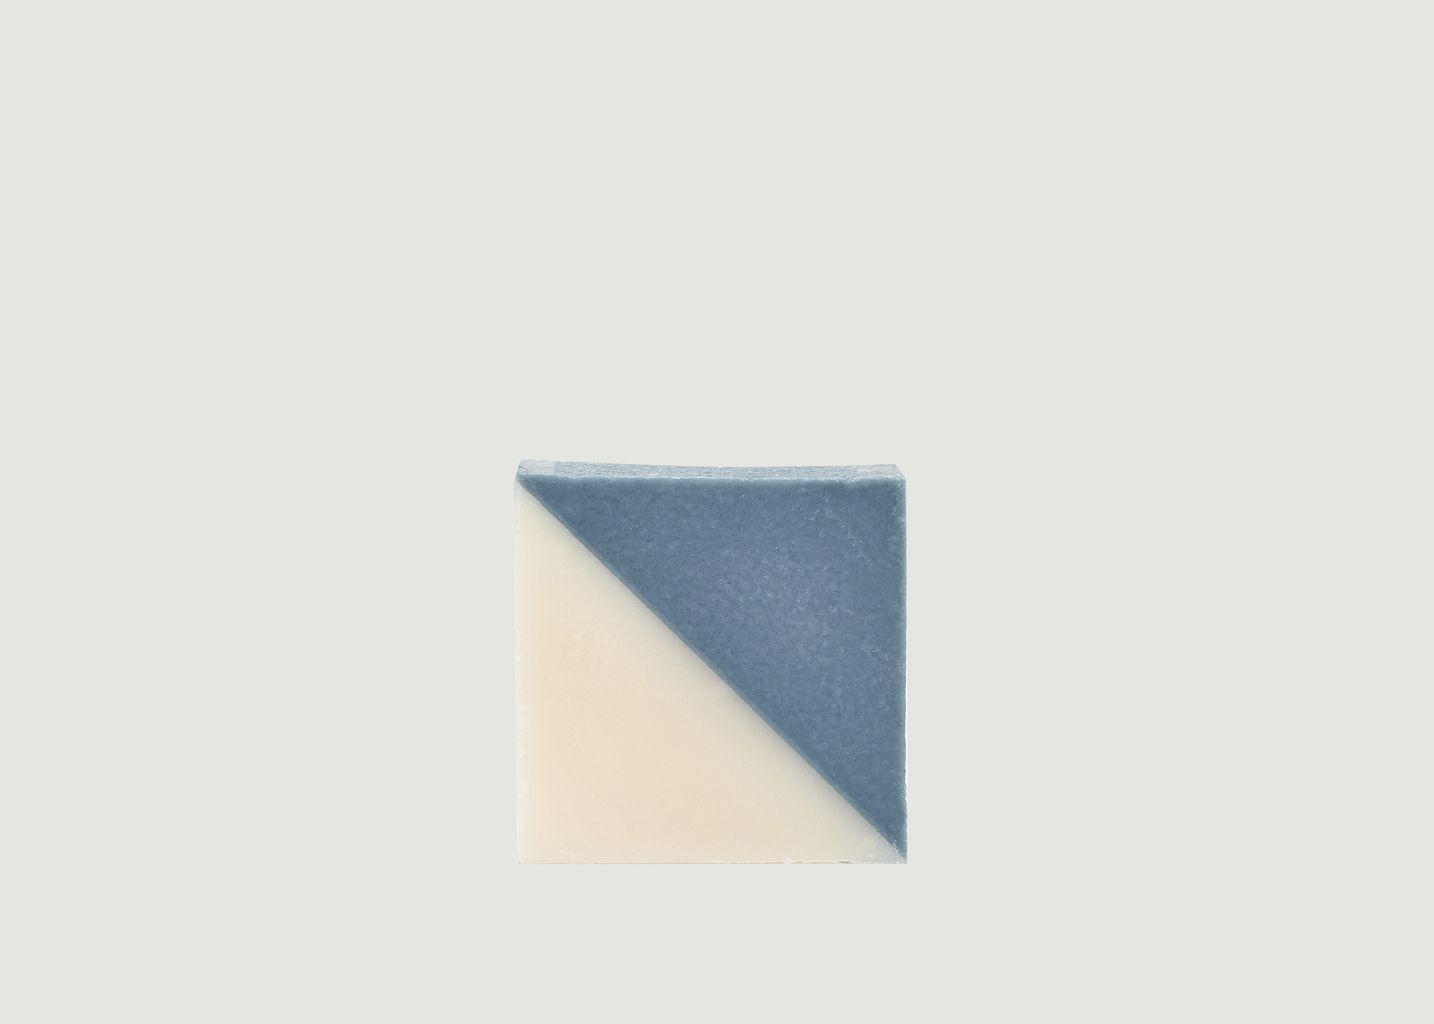 Savon Triangle Végétale Aquatique - Ciment Paris